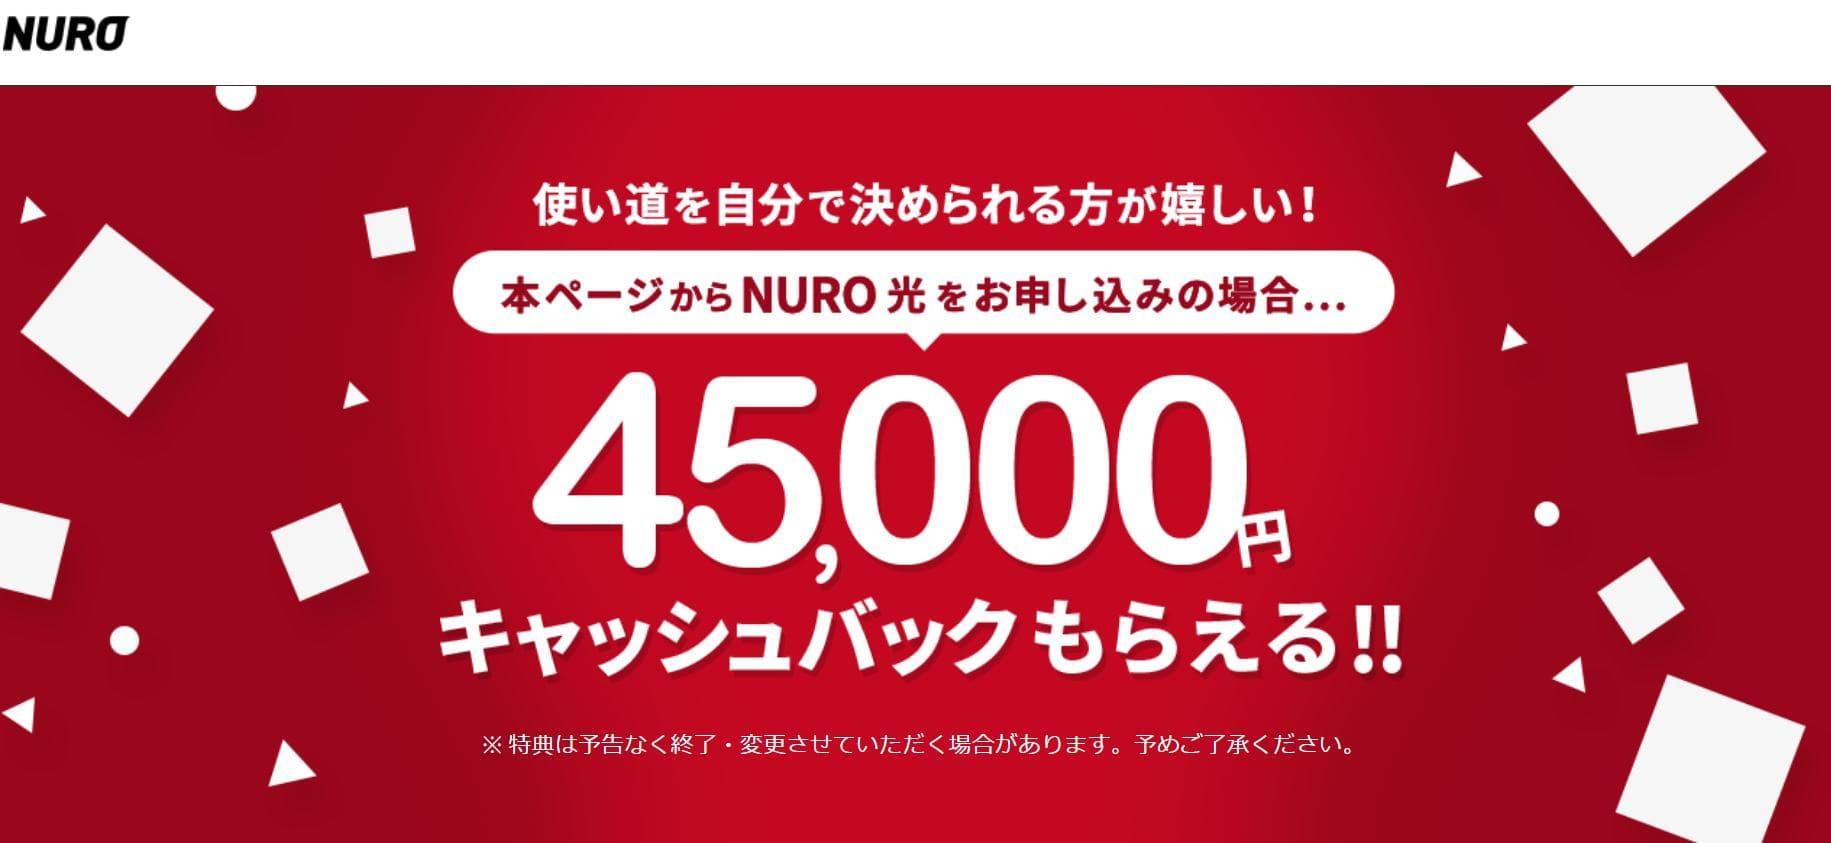 NURO光 キャッシュバック キャンペーン